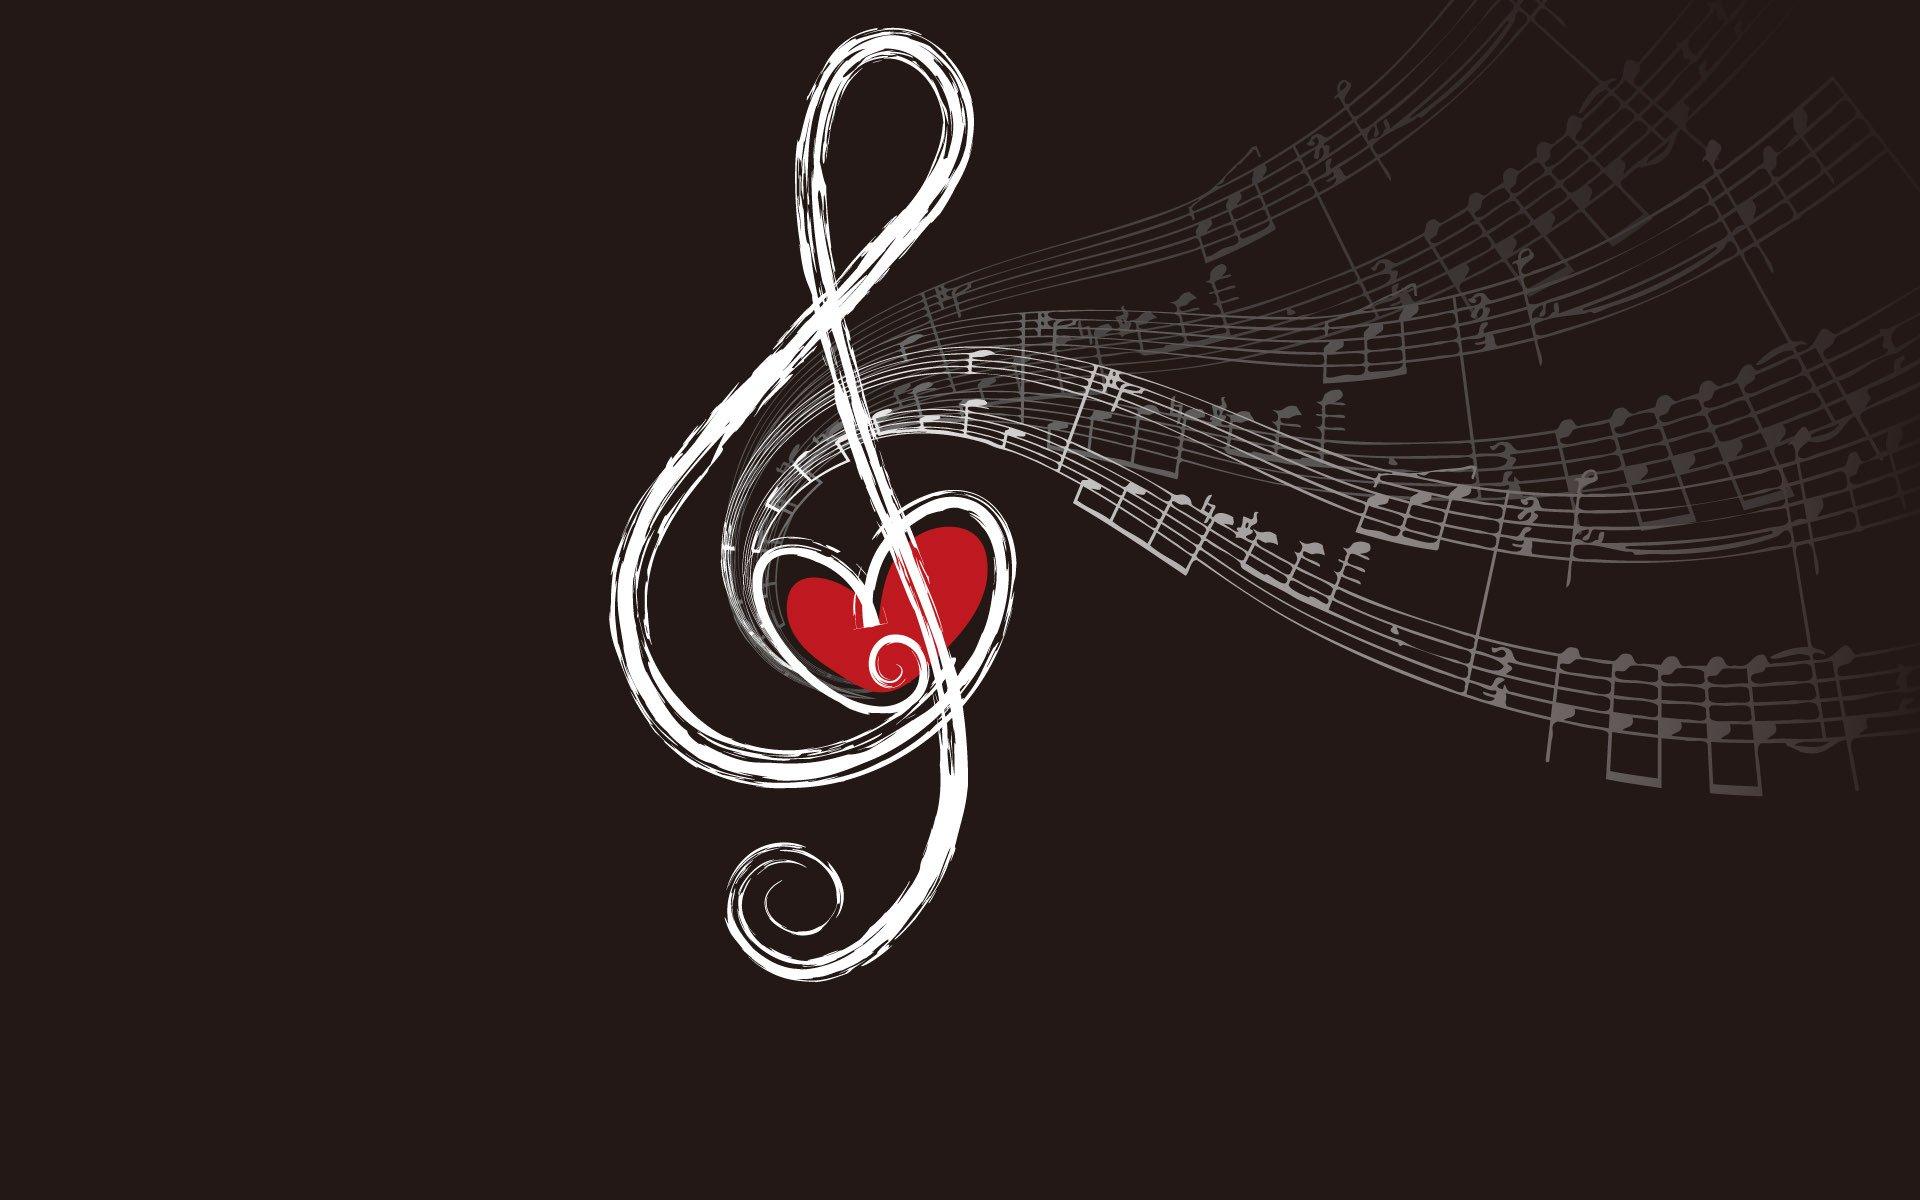 Тюльпанами, музыкальные картинки с музыкой